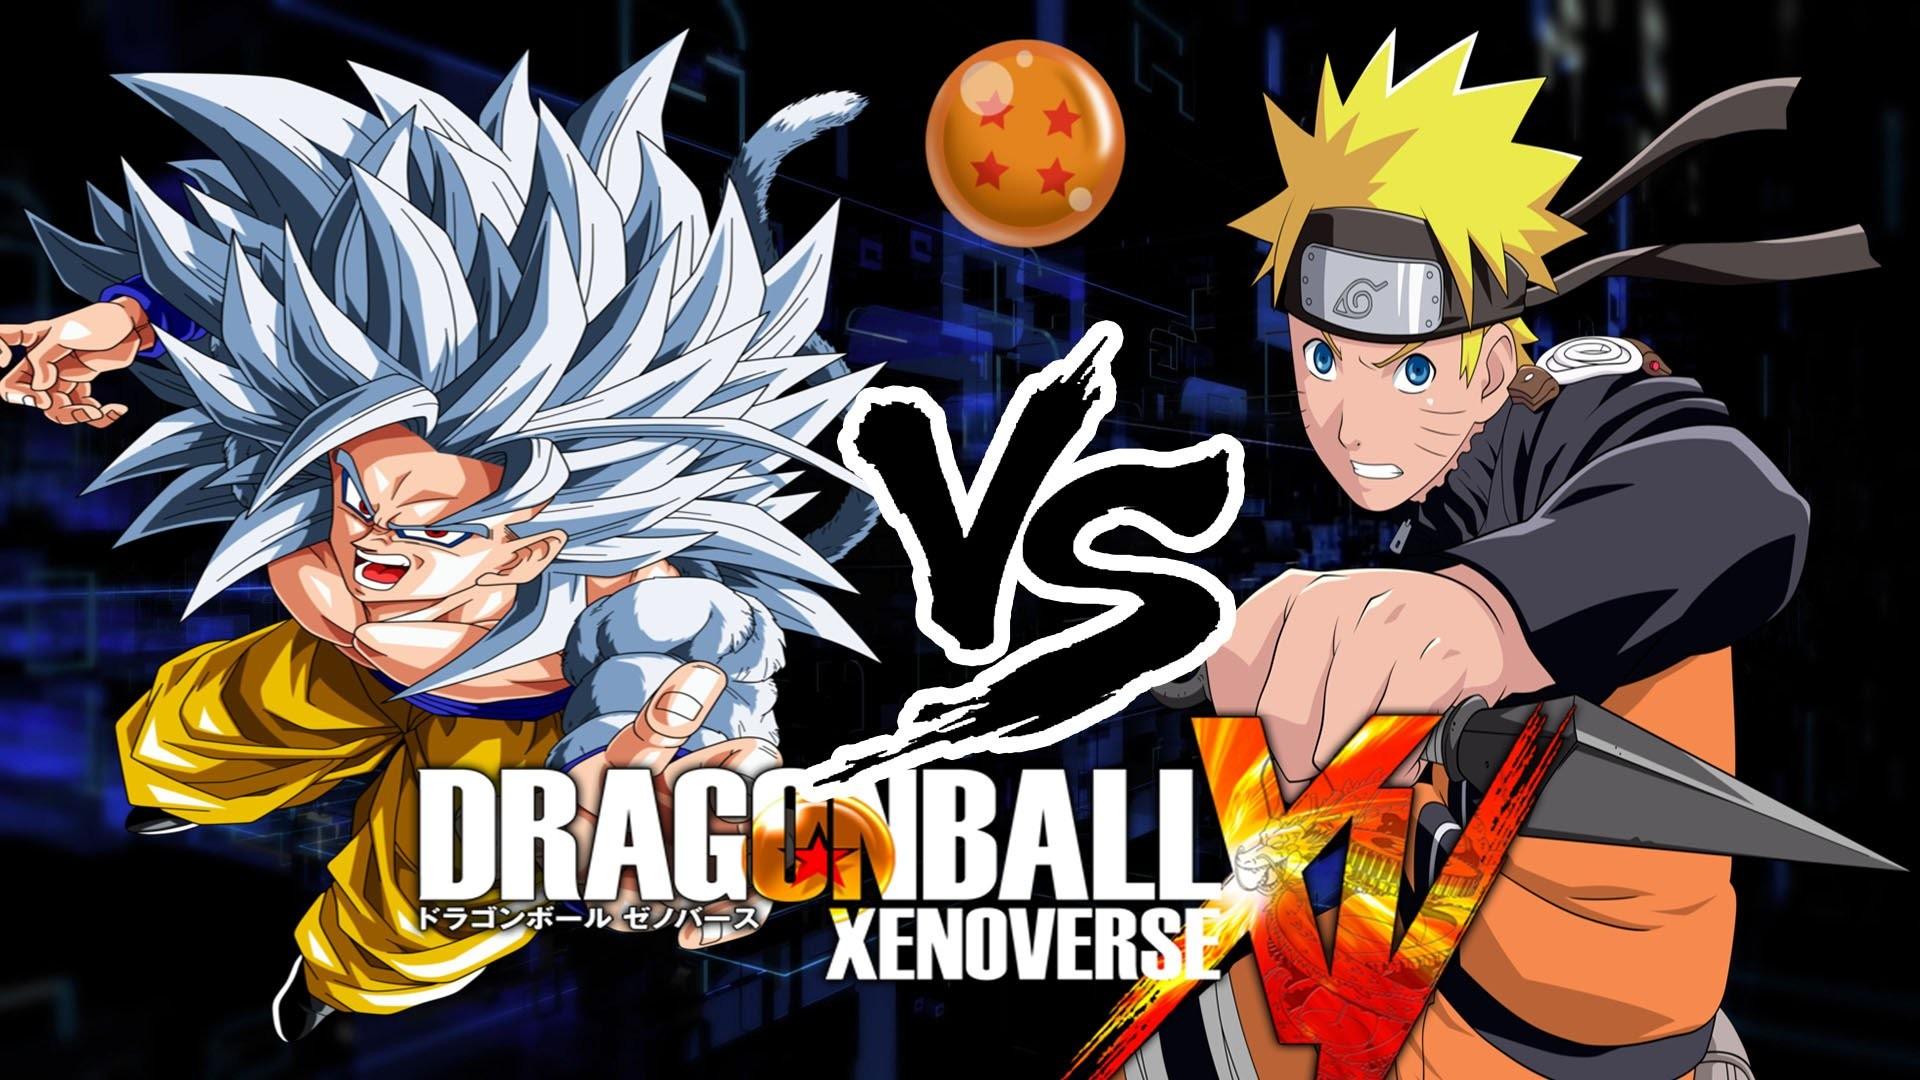 Dragon Ball Xenoverse [PC]: Super Saiyan 5 Goku vs Naruto (PC Mods) –  YouTube